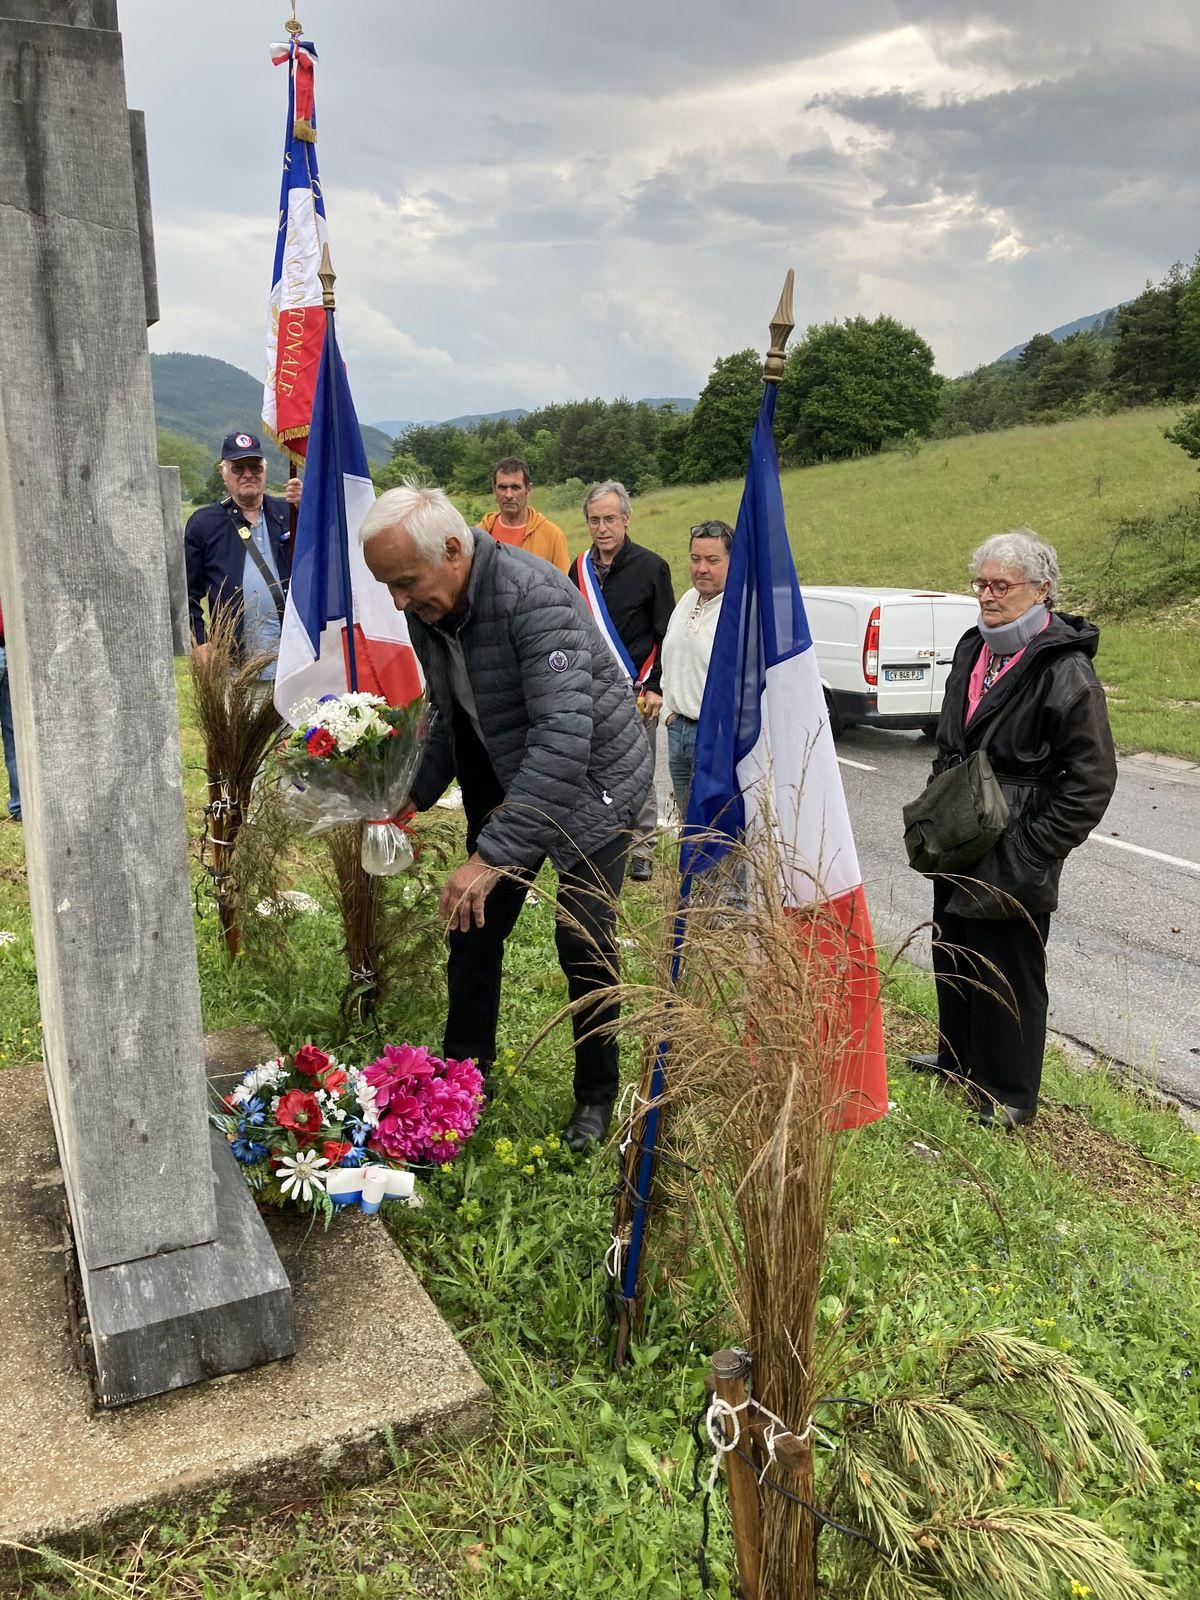 Moriez: Dépôts de gerbe devant les monuments de la Résistance